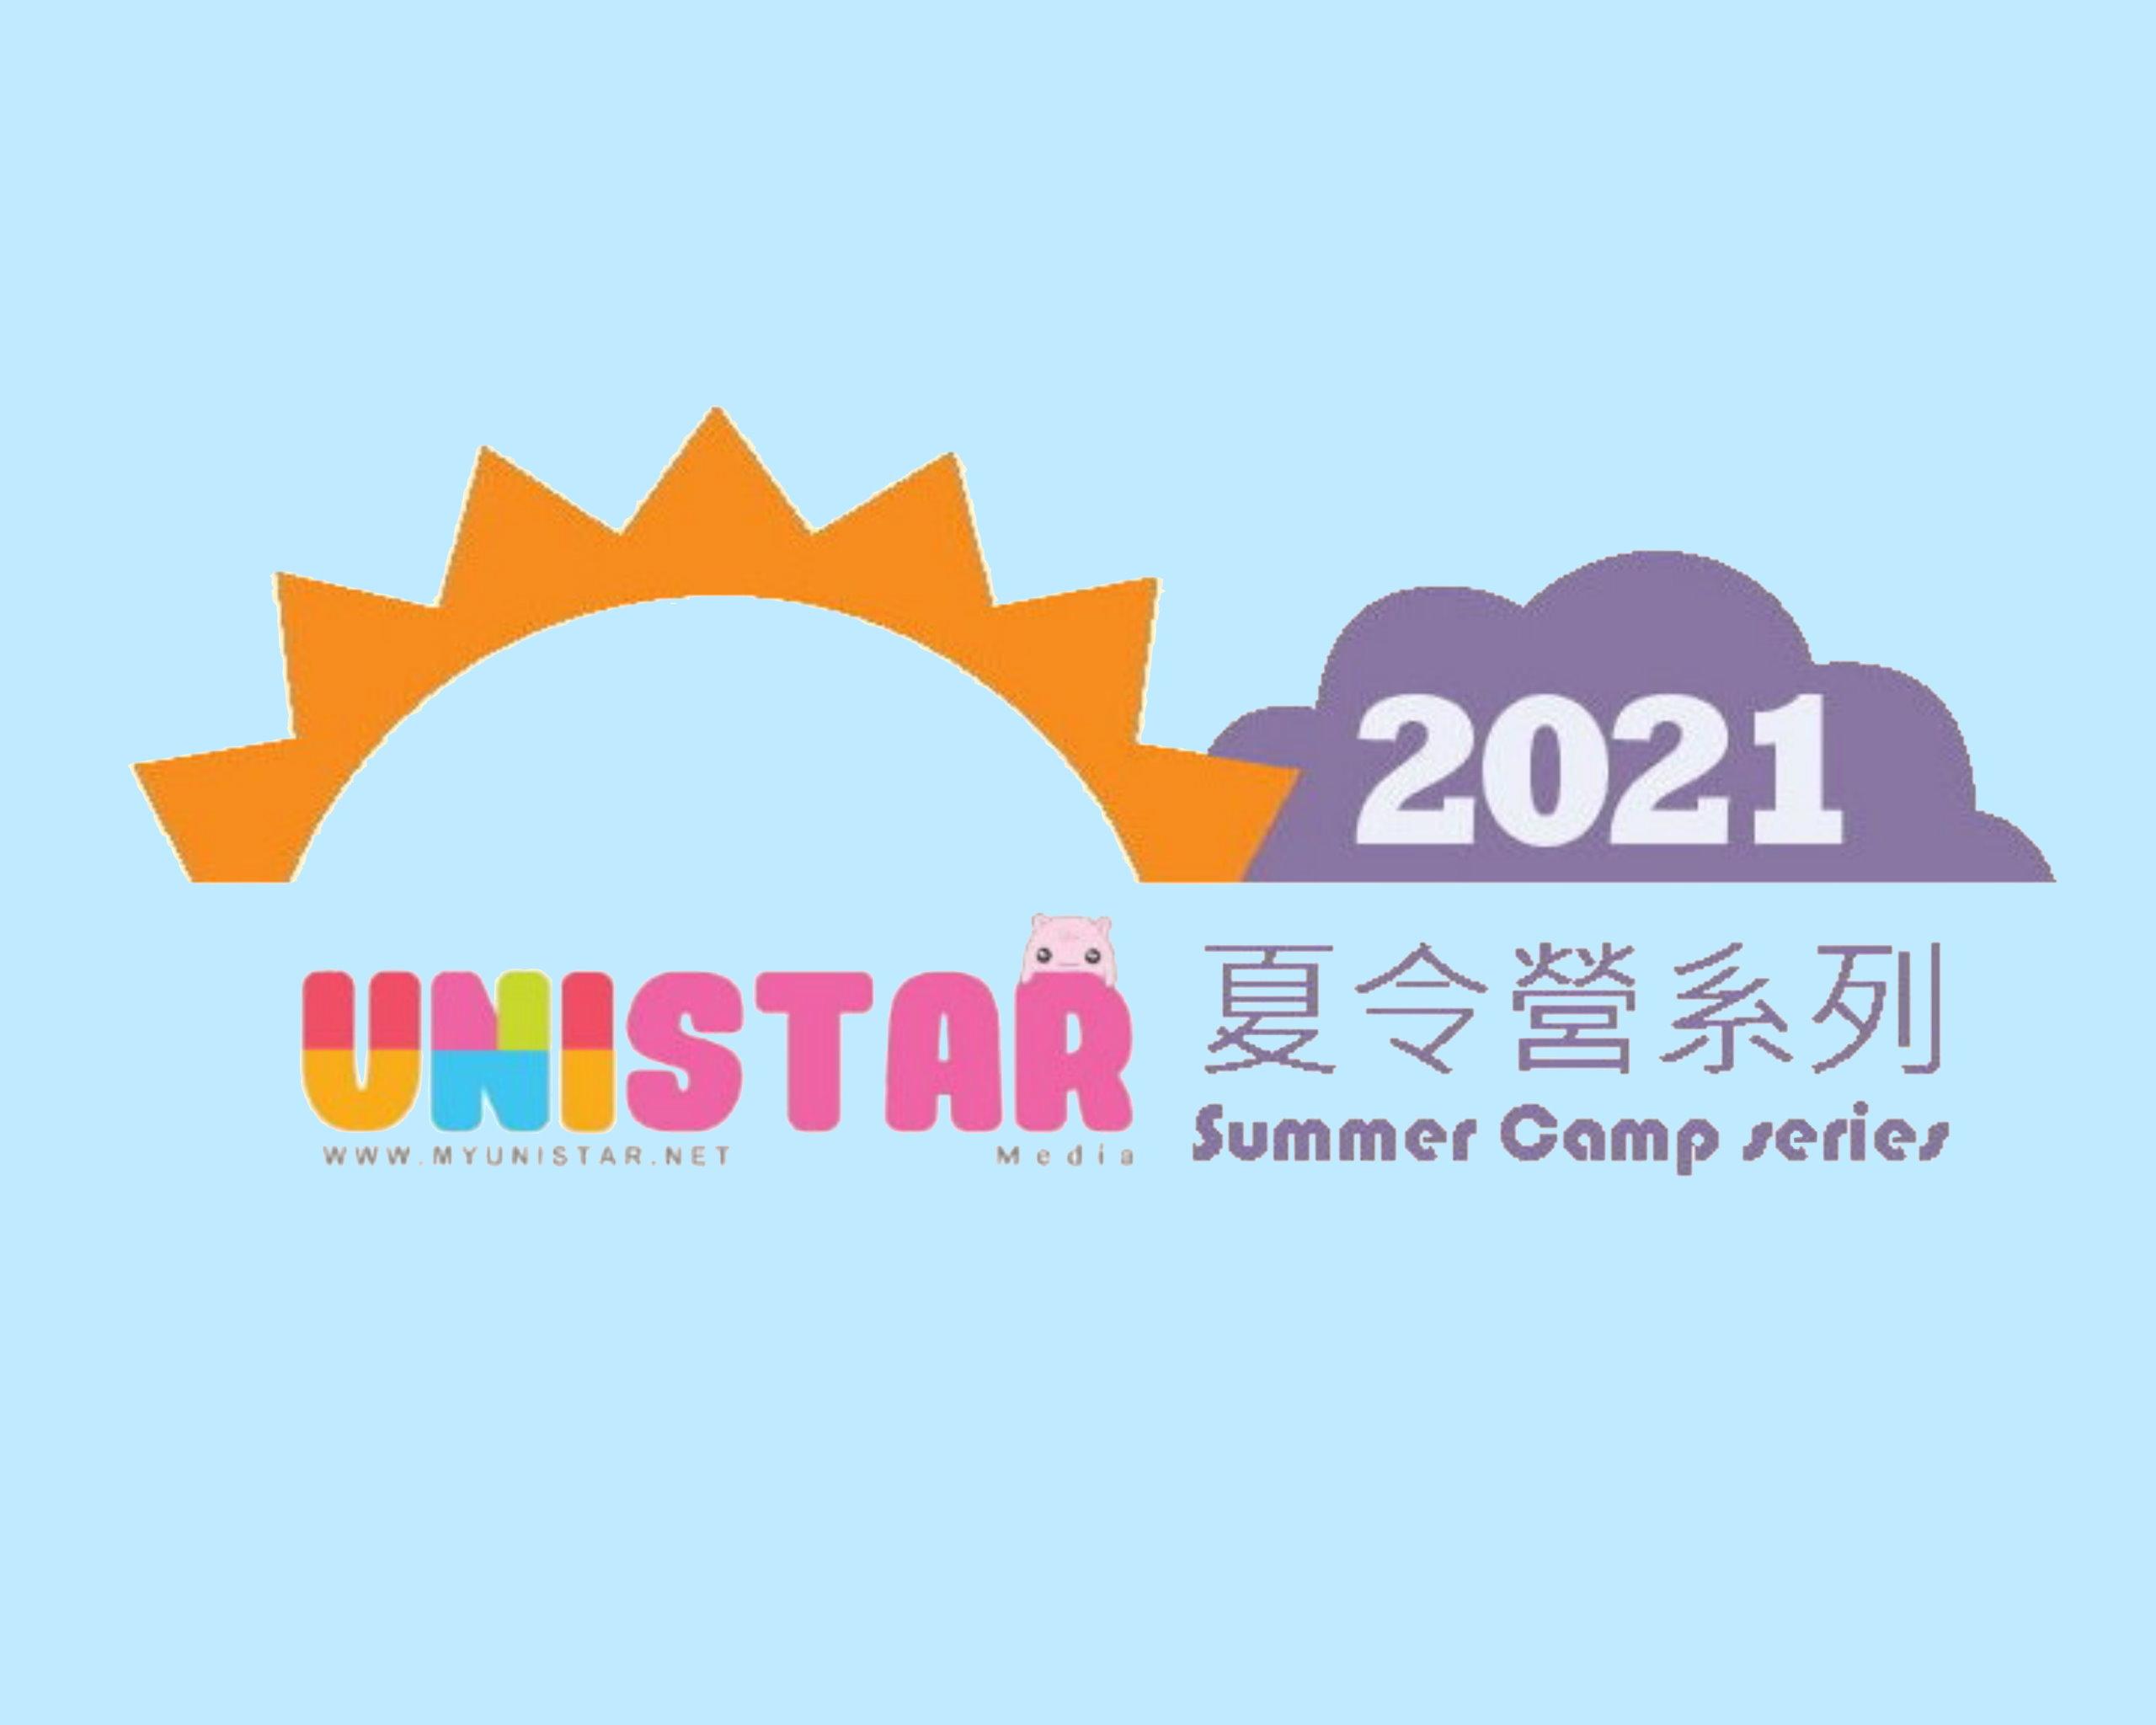 UniStar 夏令營系列